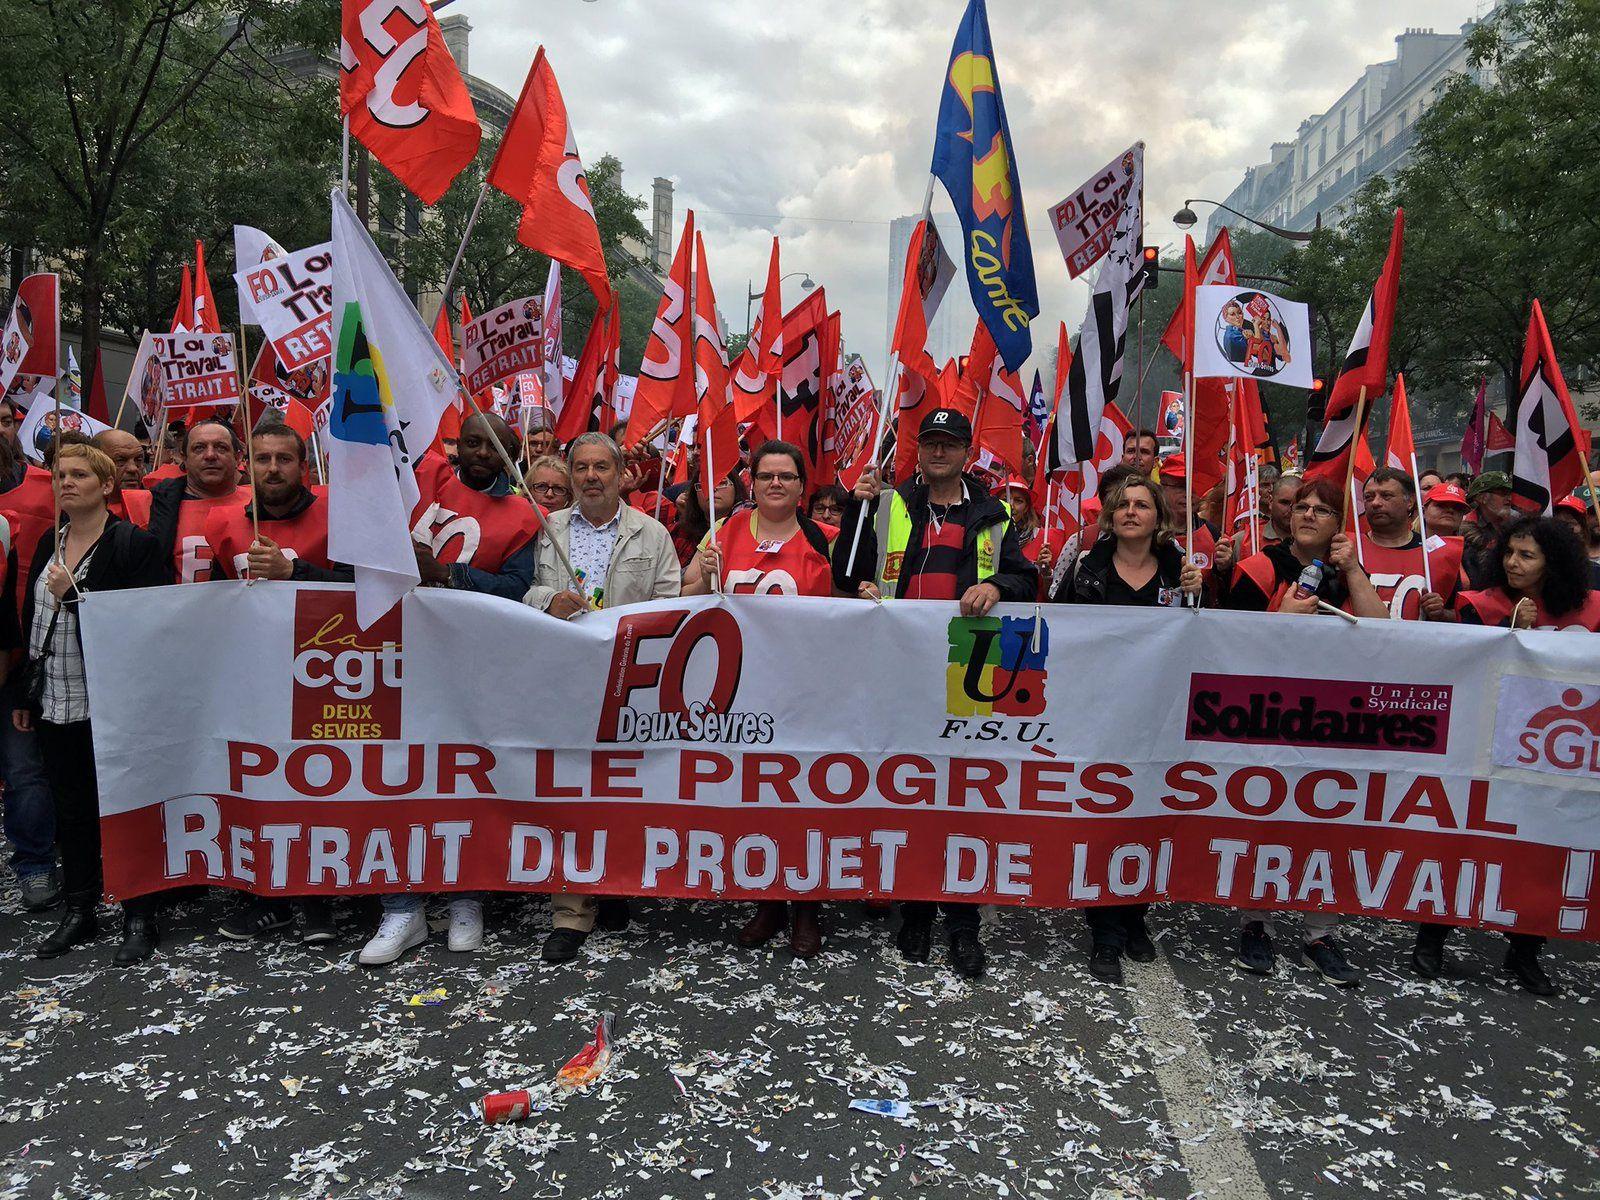 Les manifestants deux-sévriens dans la manifestation